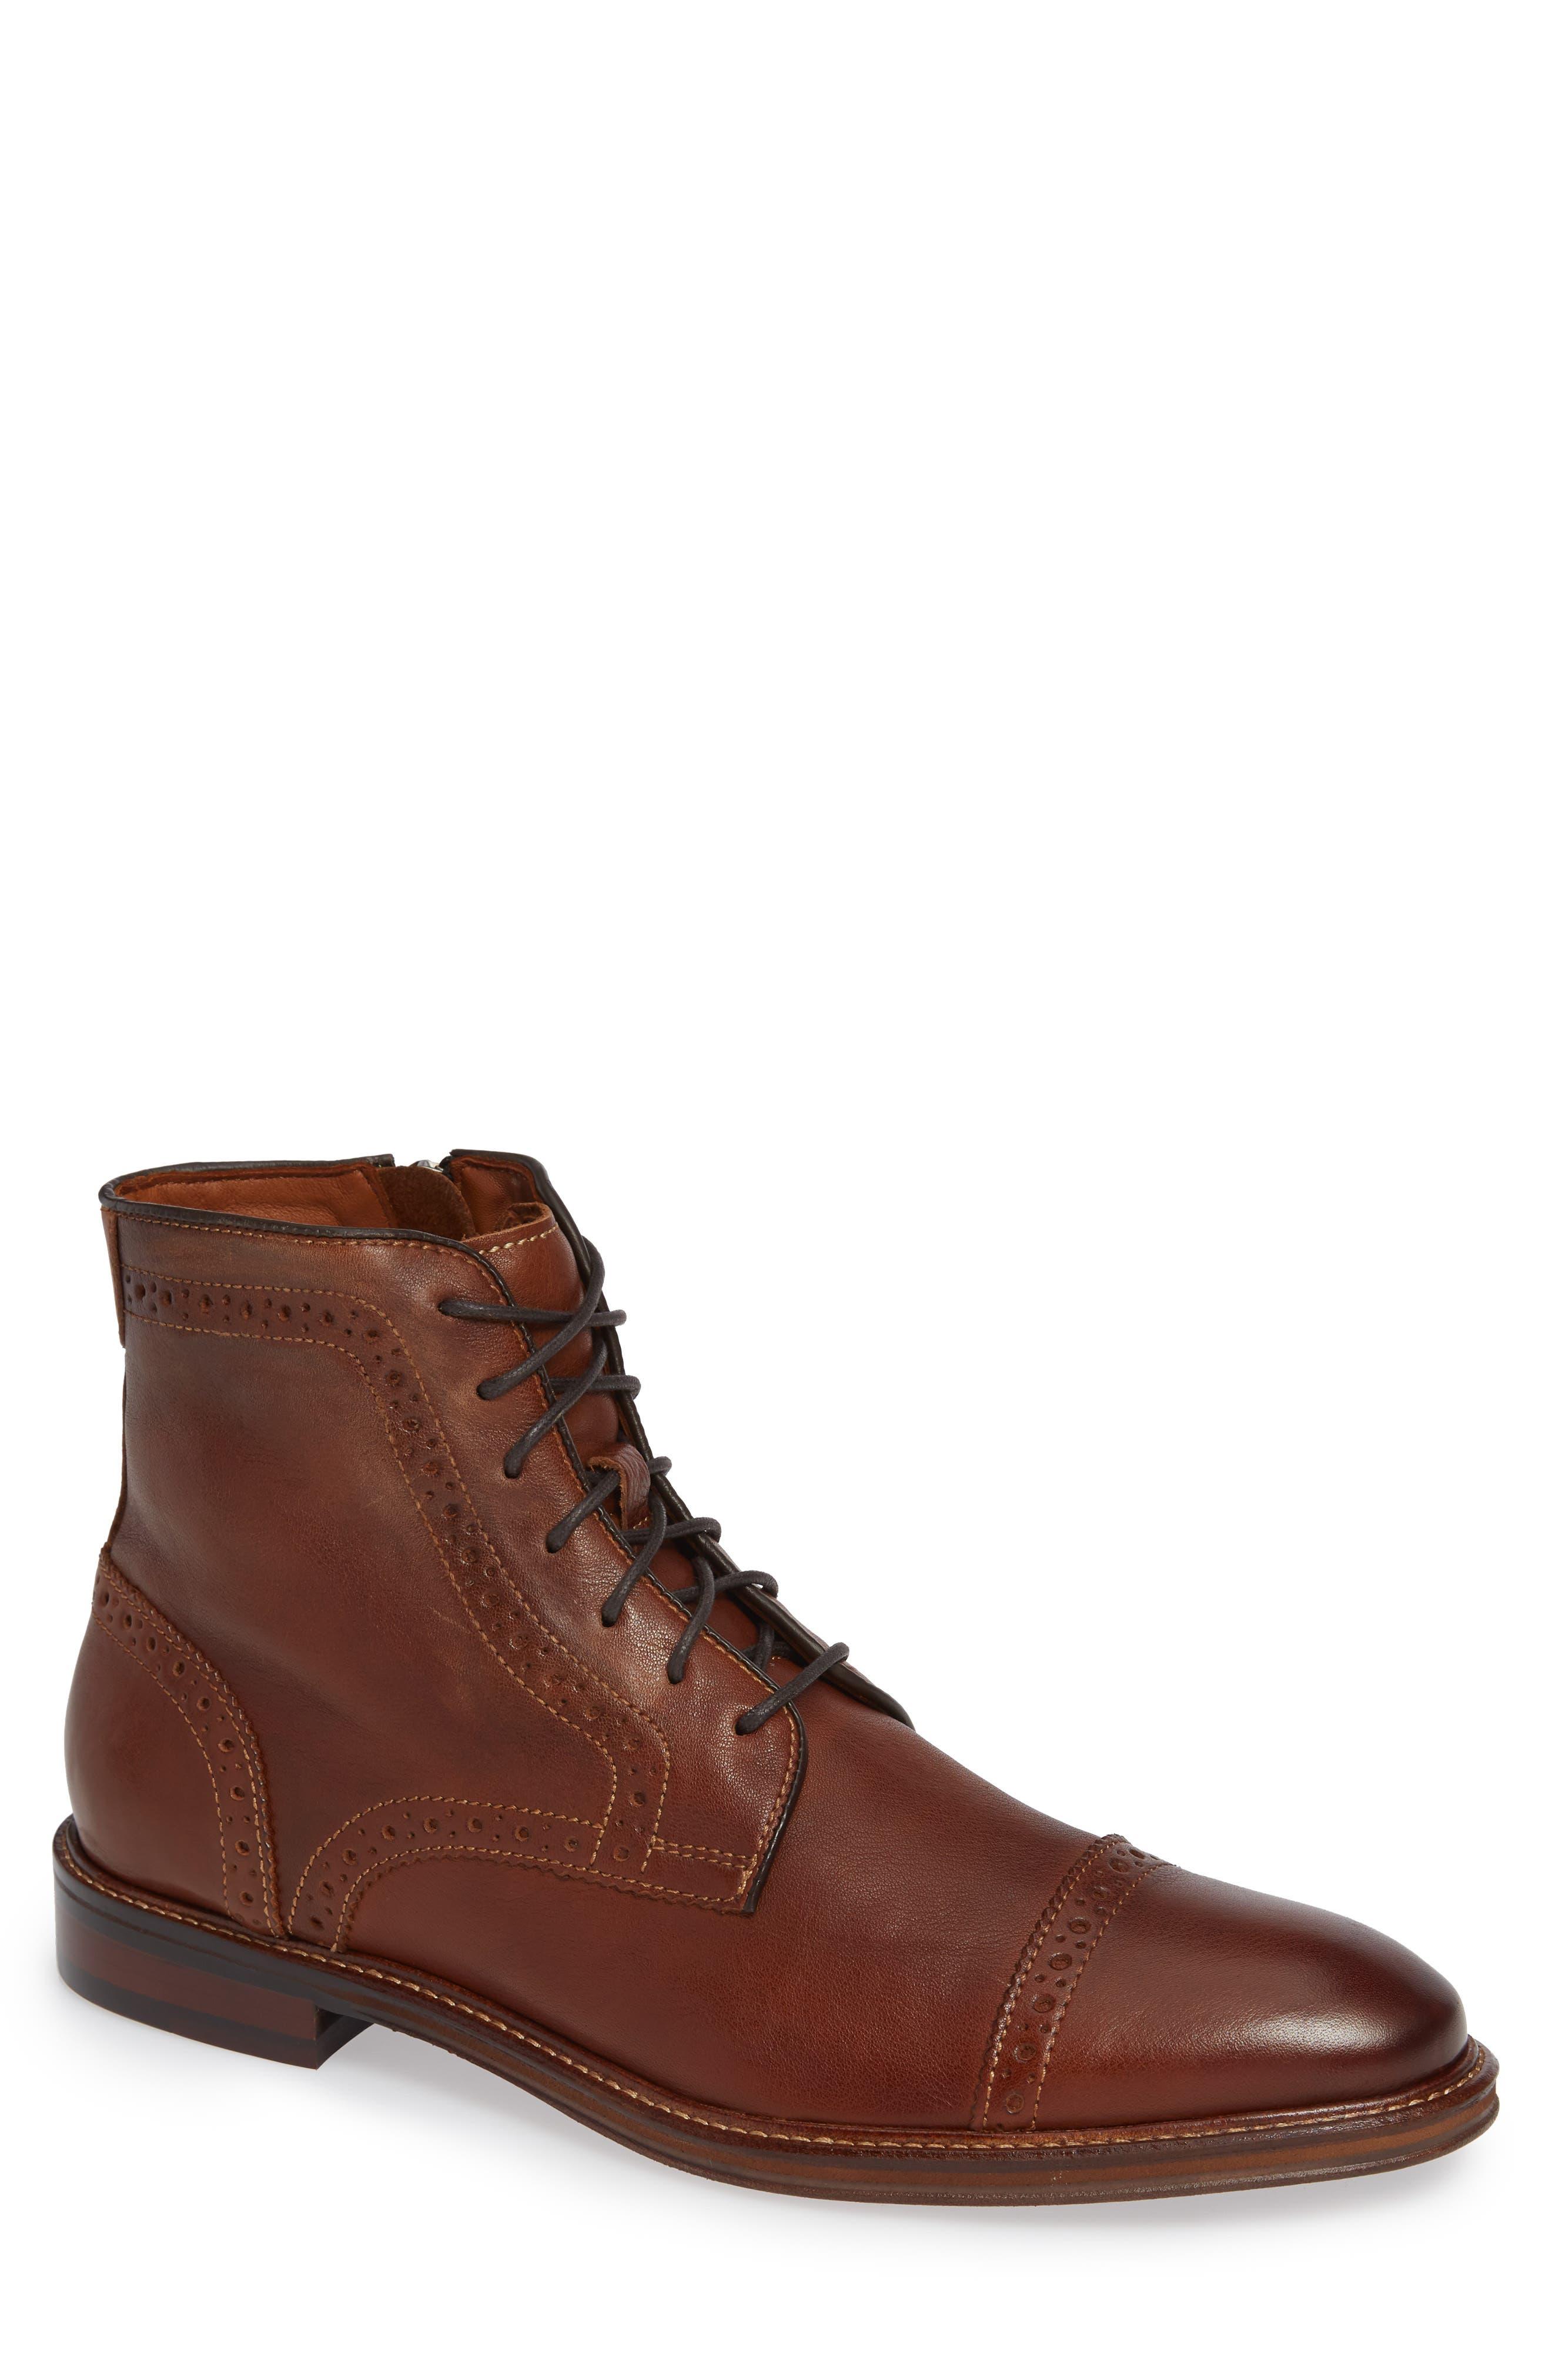 JOHNSTON & MURPHY Warner Cap Toe Boot, Main, color, DARK TAN LEATHER